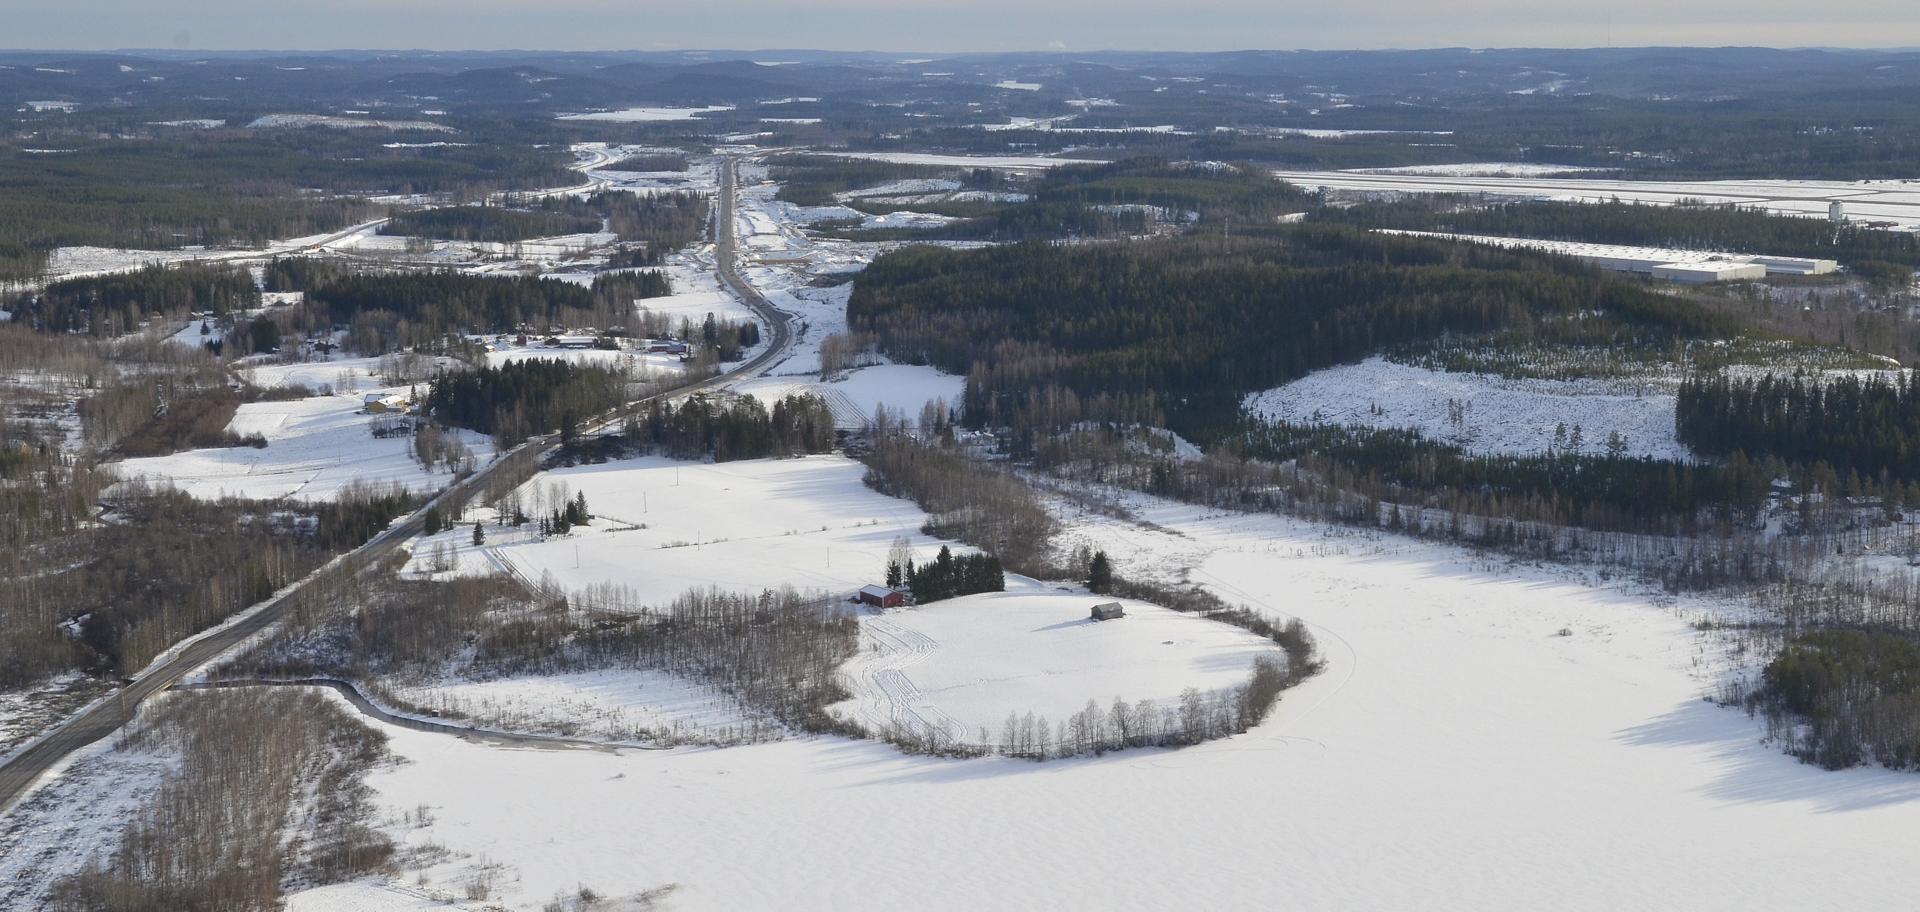 Alanenjärvi, oikealla näkyy Tikkakosken lentokenttä.